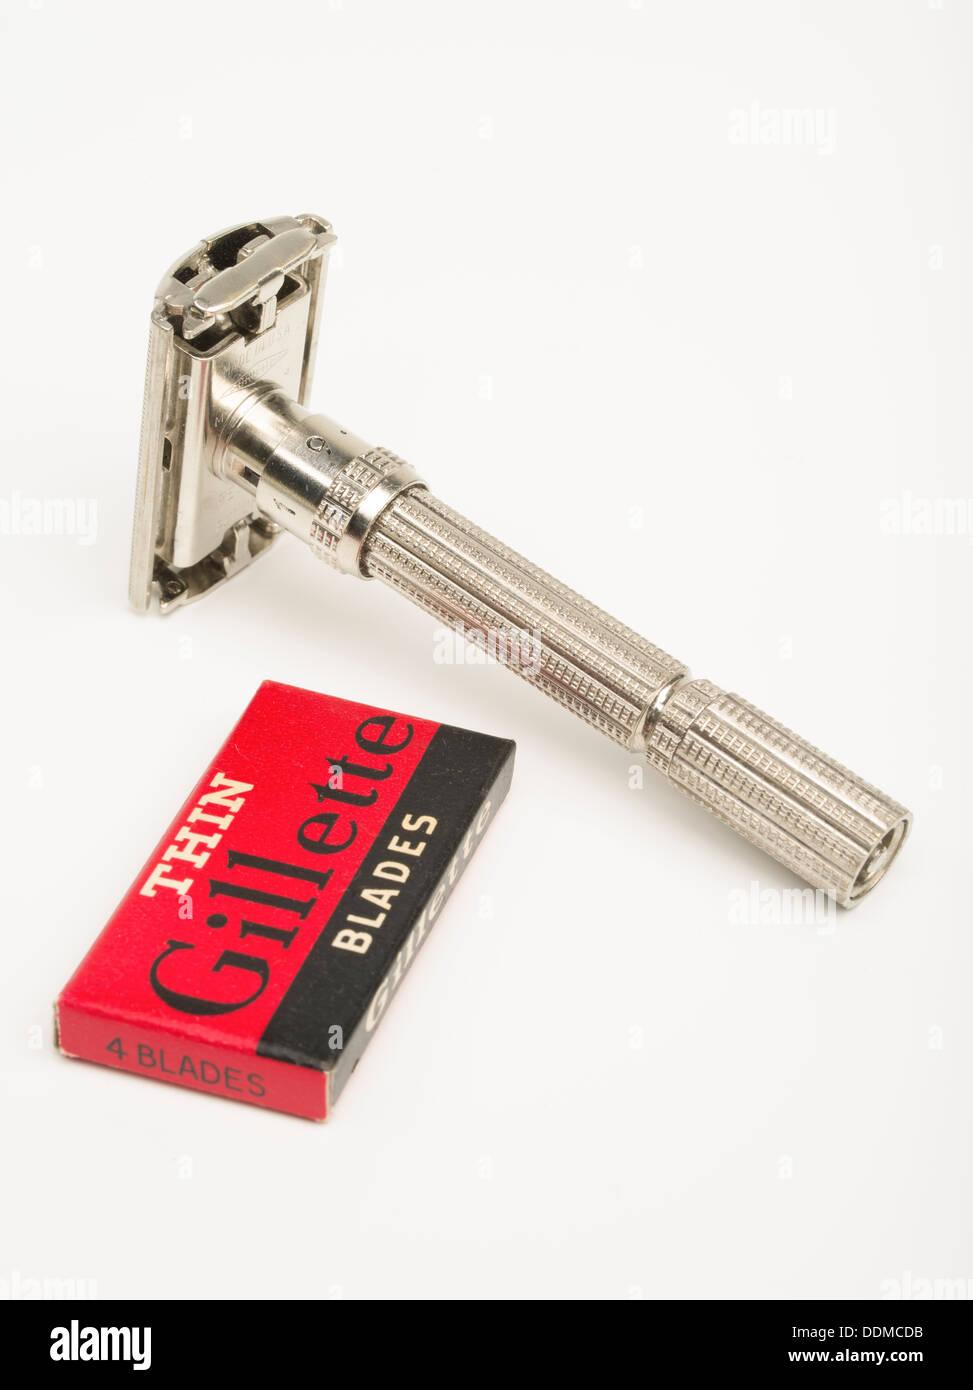 Gillette verstellbare Sicherheits-Rasierdatierung